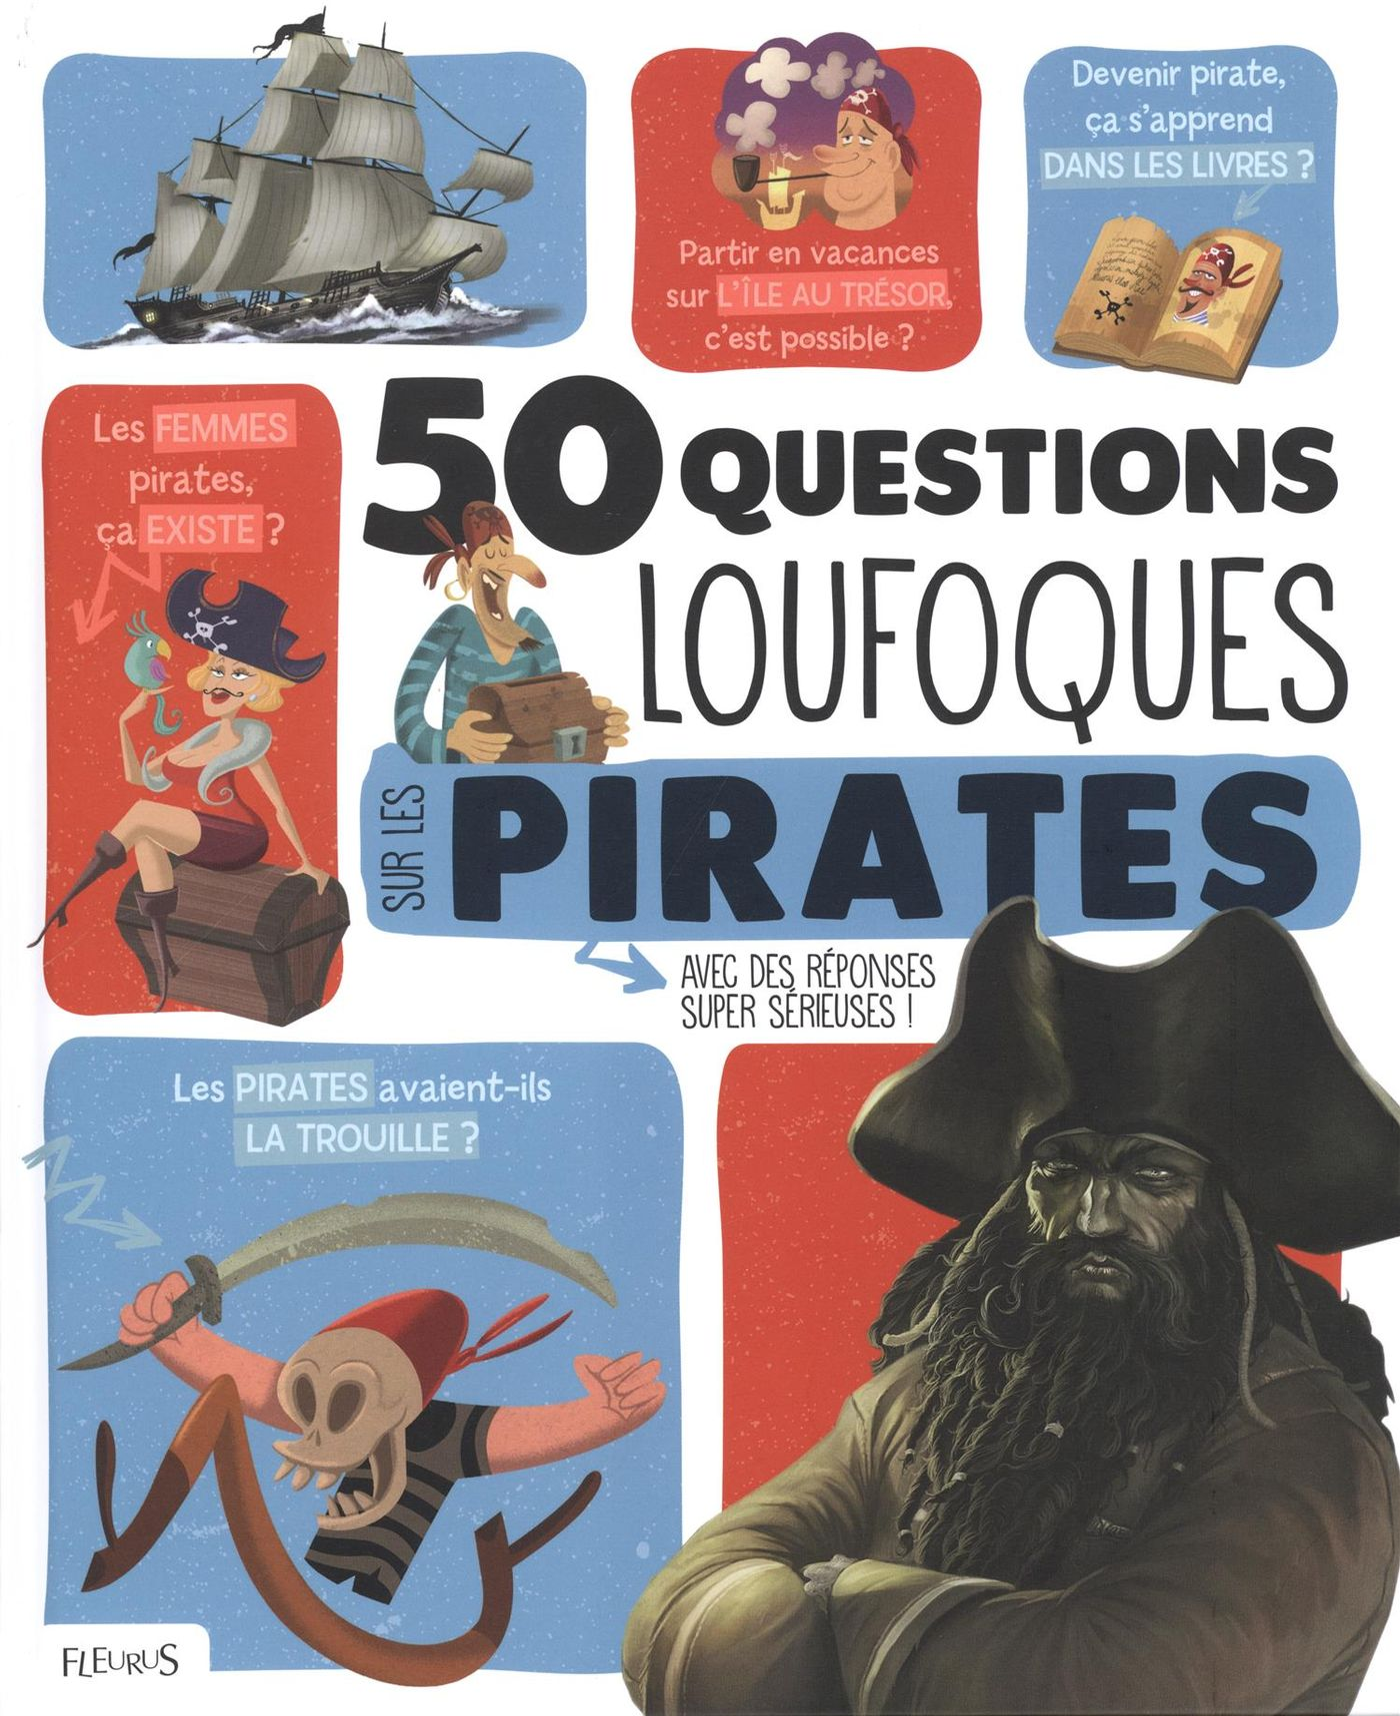 L'ile Au Tresor Questionnaire Reponse : l'ile, tresor, questionnaire, reponse, Questions, Loufoques, Pirates, Distribution, Prologue